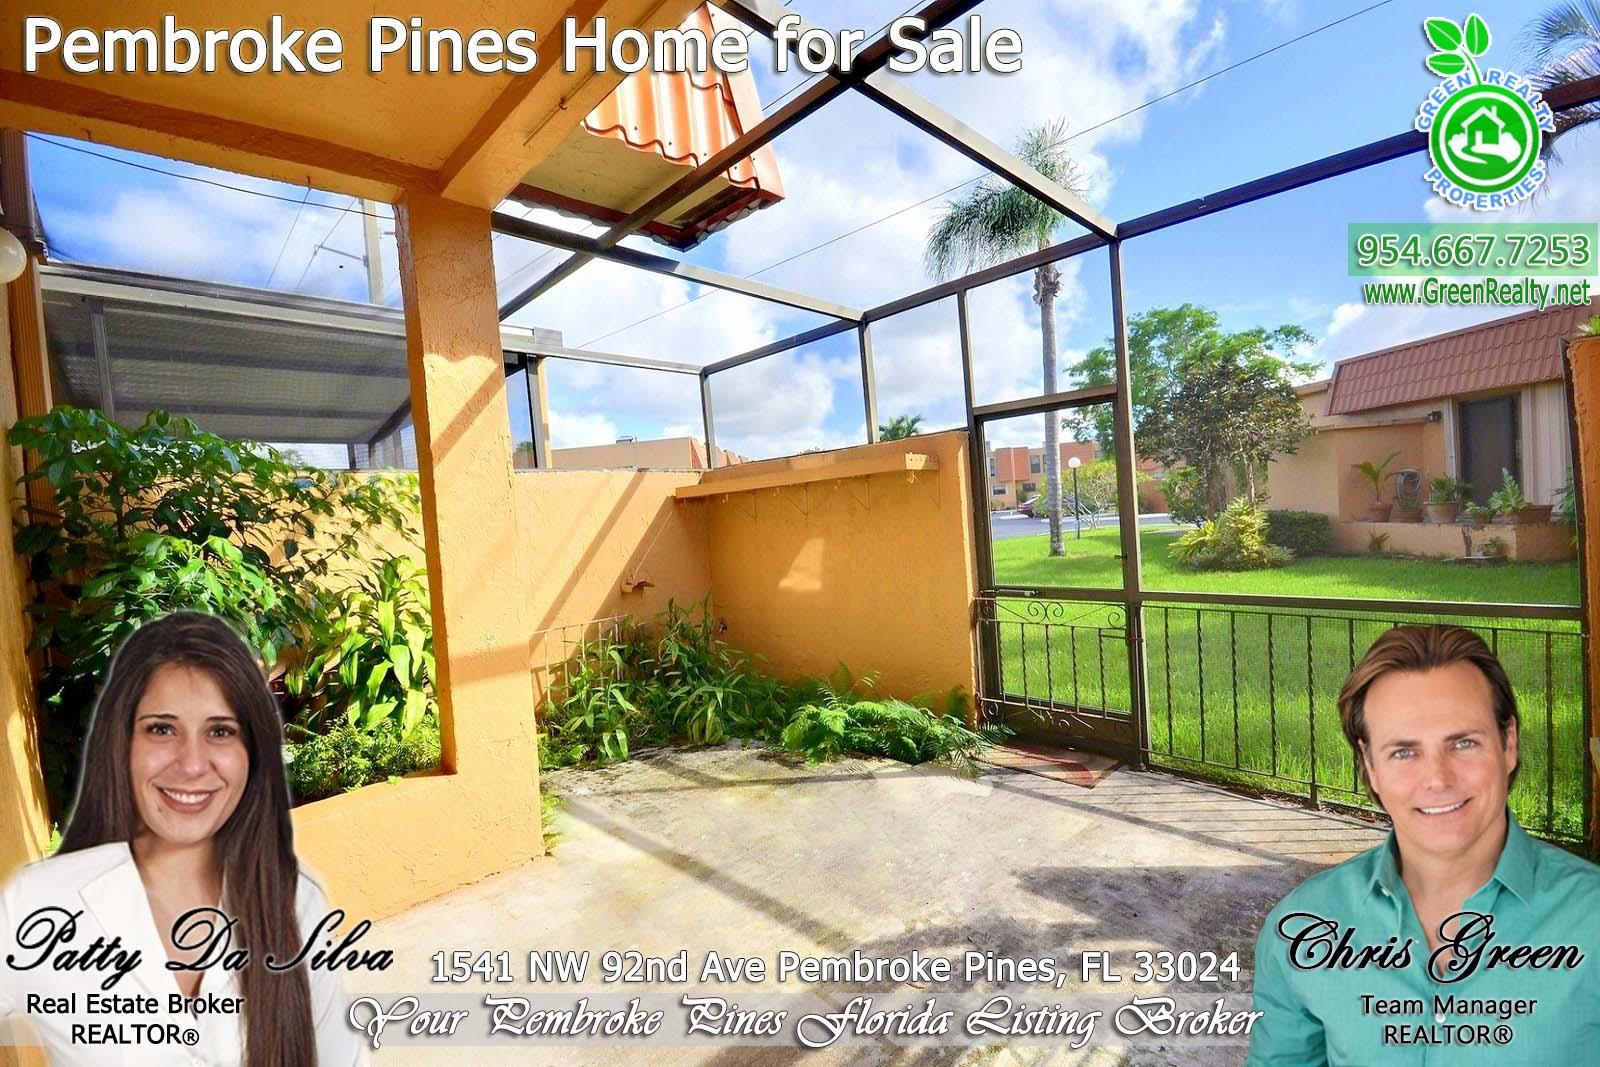 Pembroke Pines Real Estate Brokers